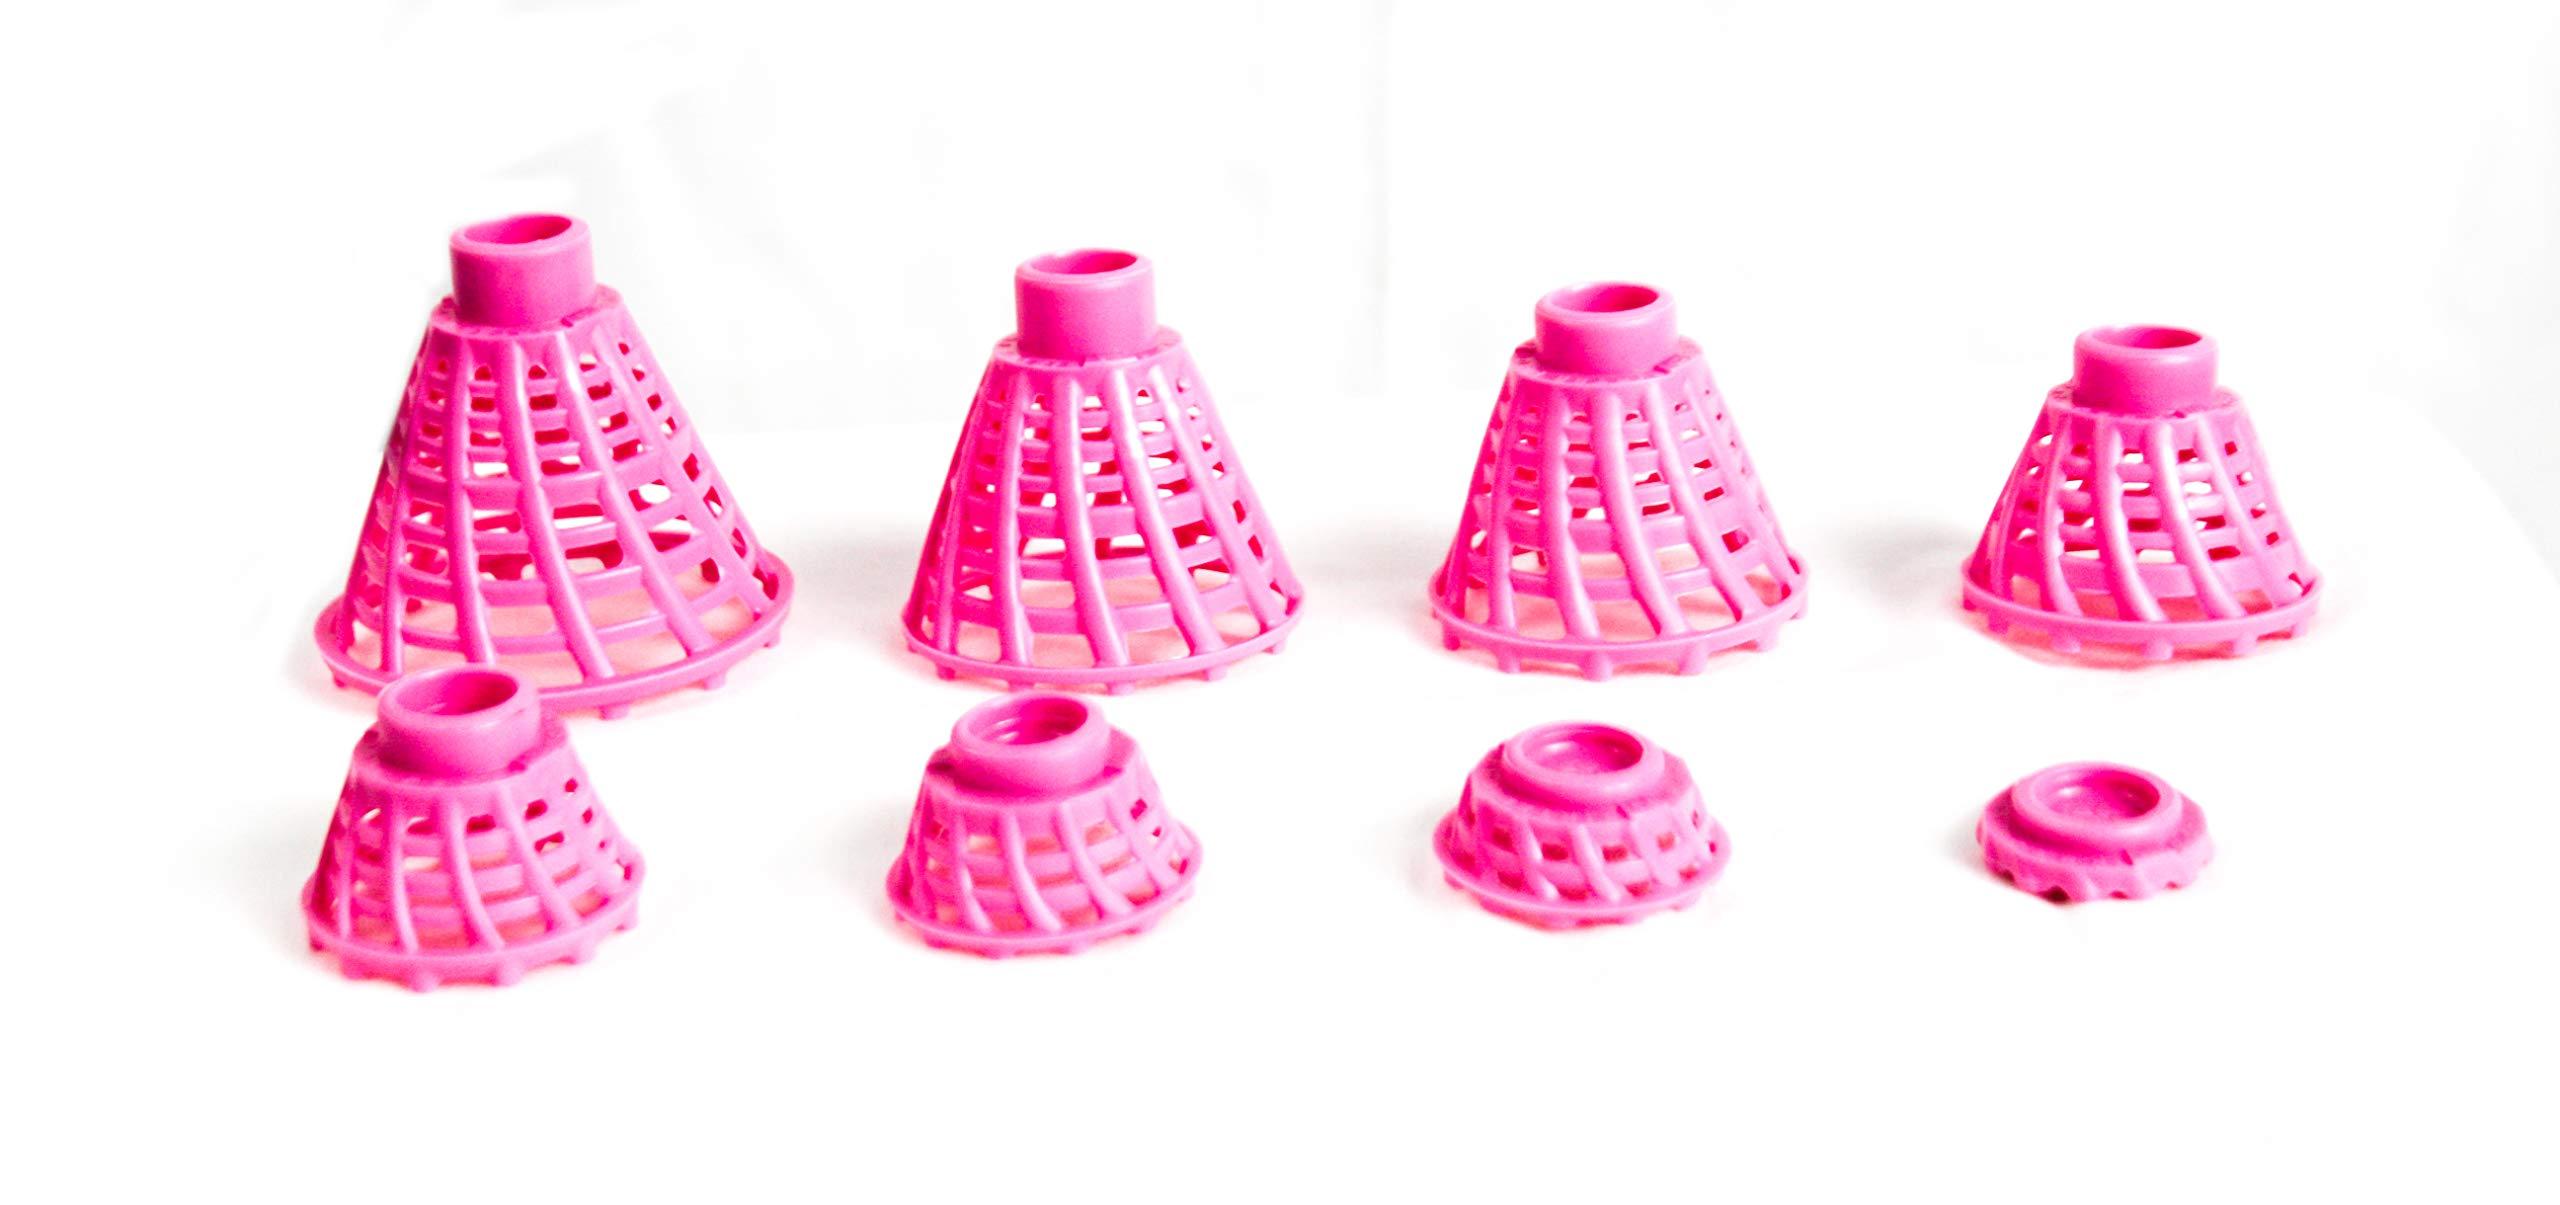 BirTee Pro Winter/Mat Golf Tees - 8 Pack (Bright Pink) by BirTee